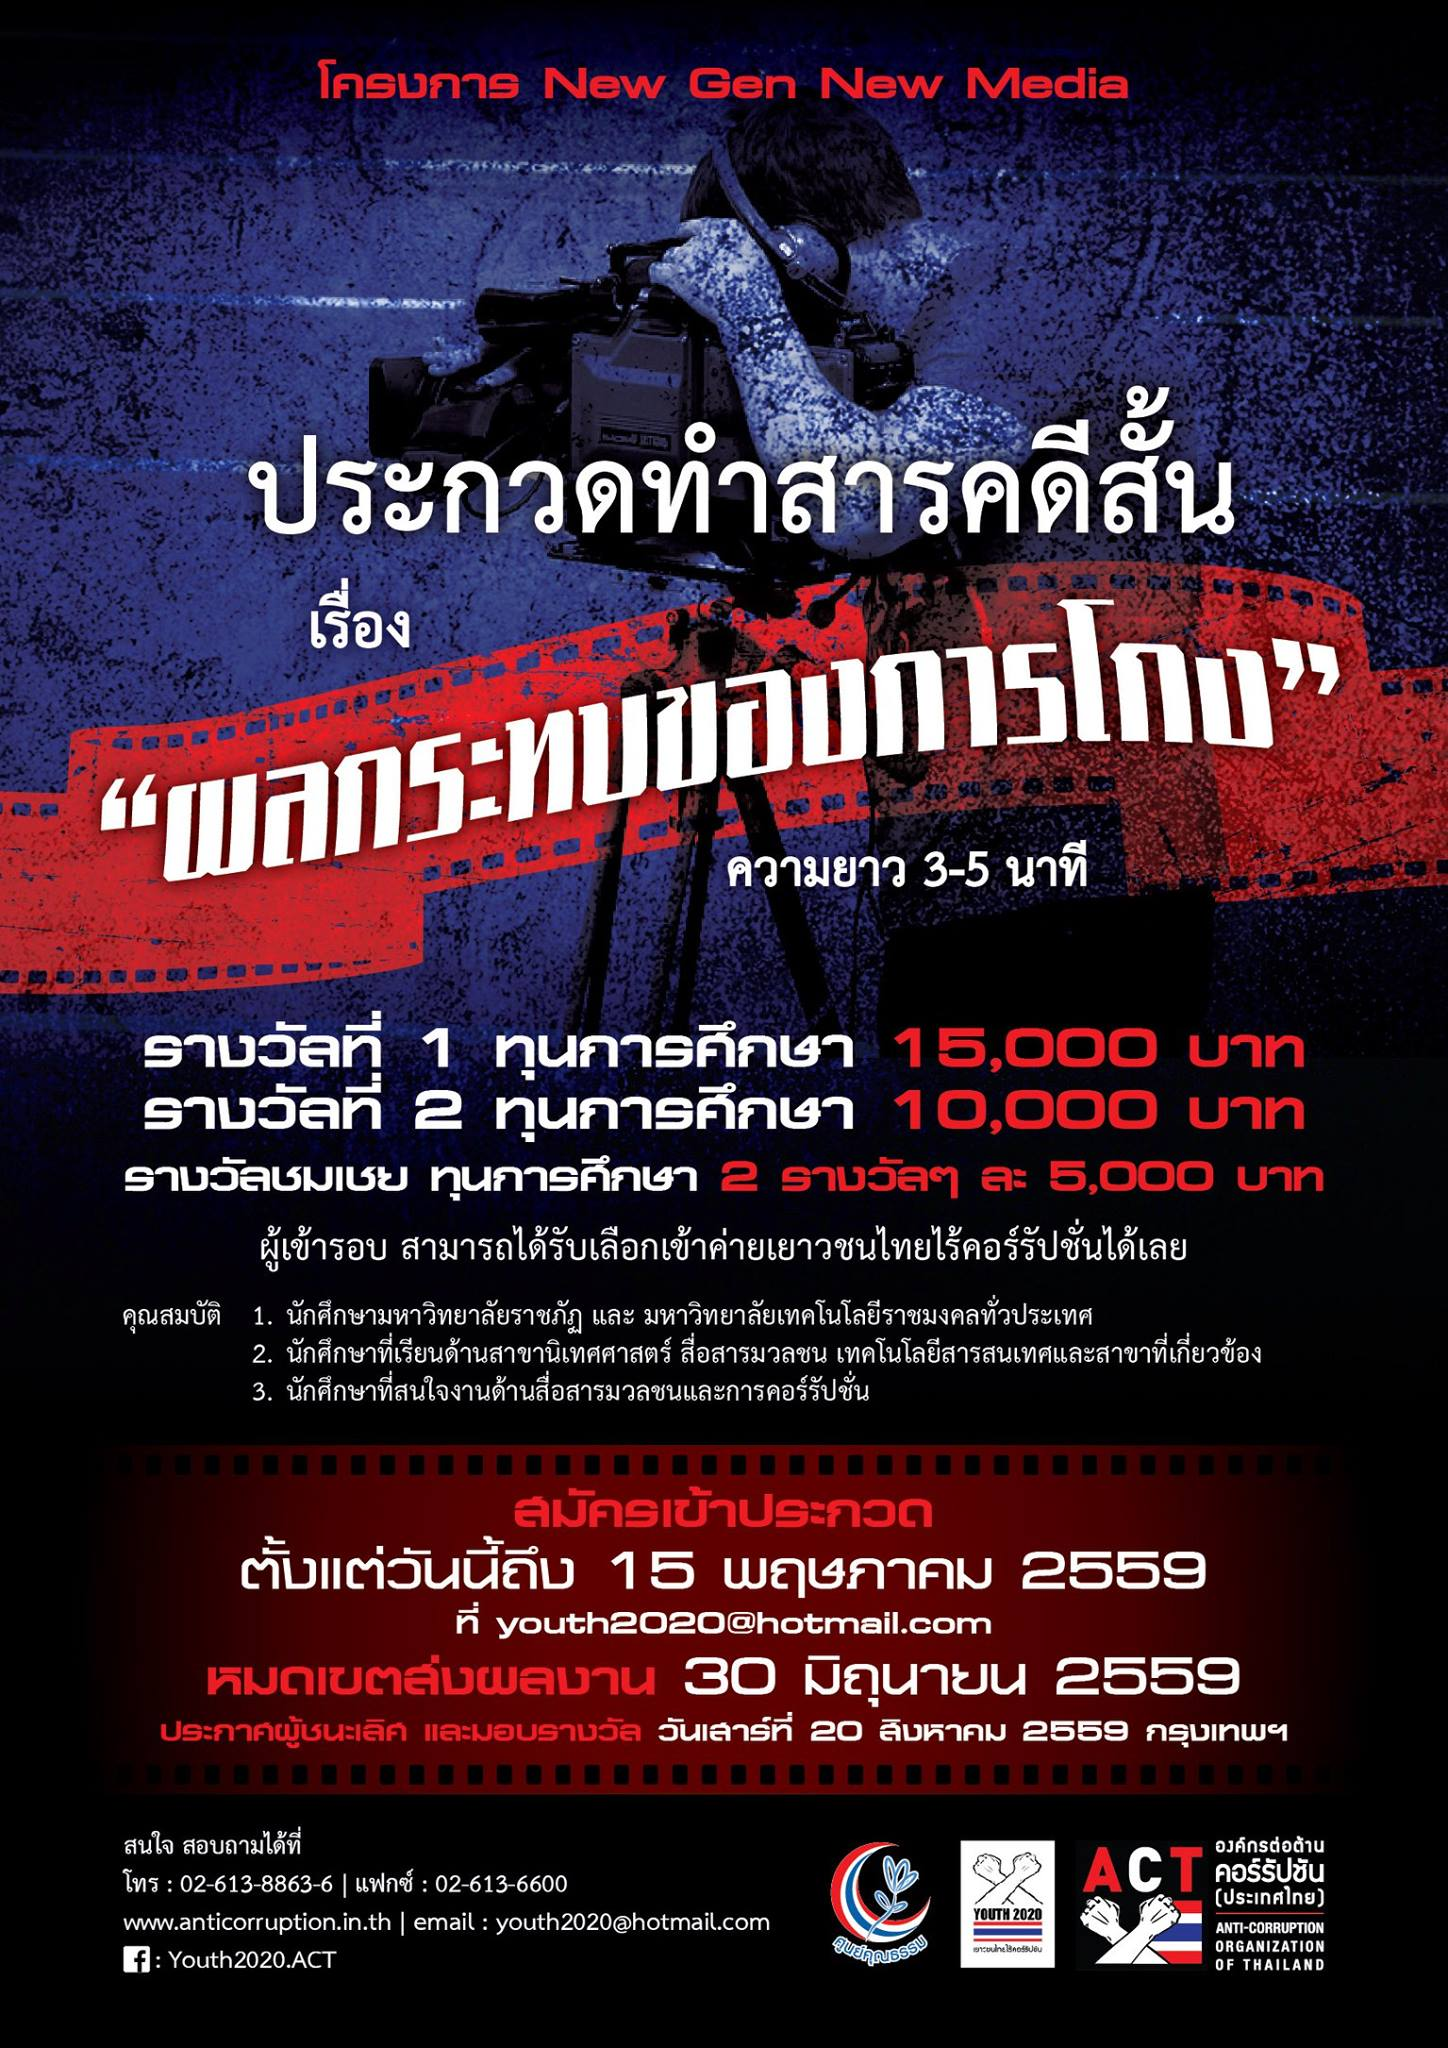 """องค์กรต่อต้านคอร์รัปชัน (ประเทศไทย) ขอเชิญชวนผู้ที่สนใจเข้าร่วมโครงการ """"New Gen New Media"""""""